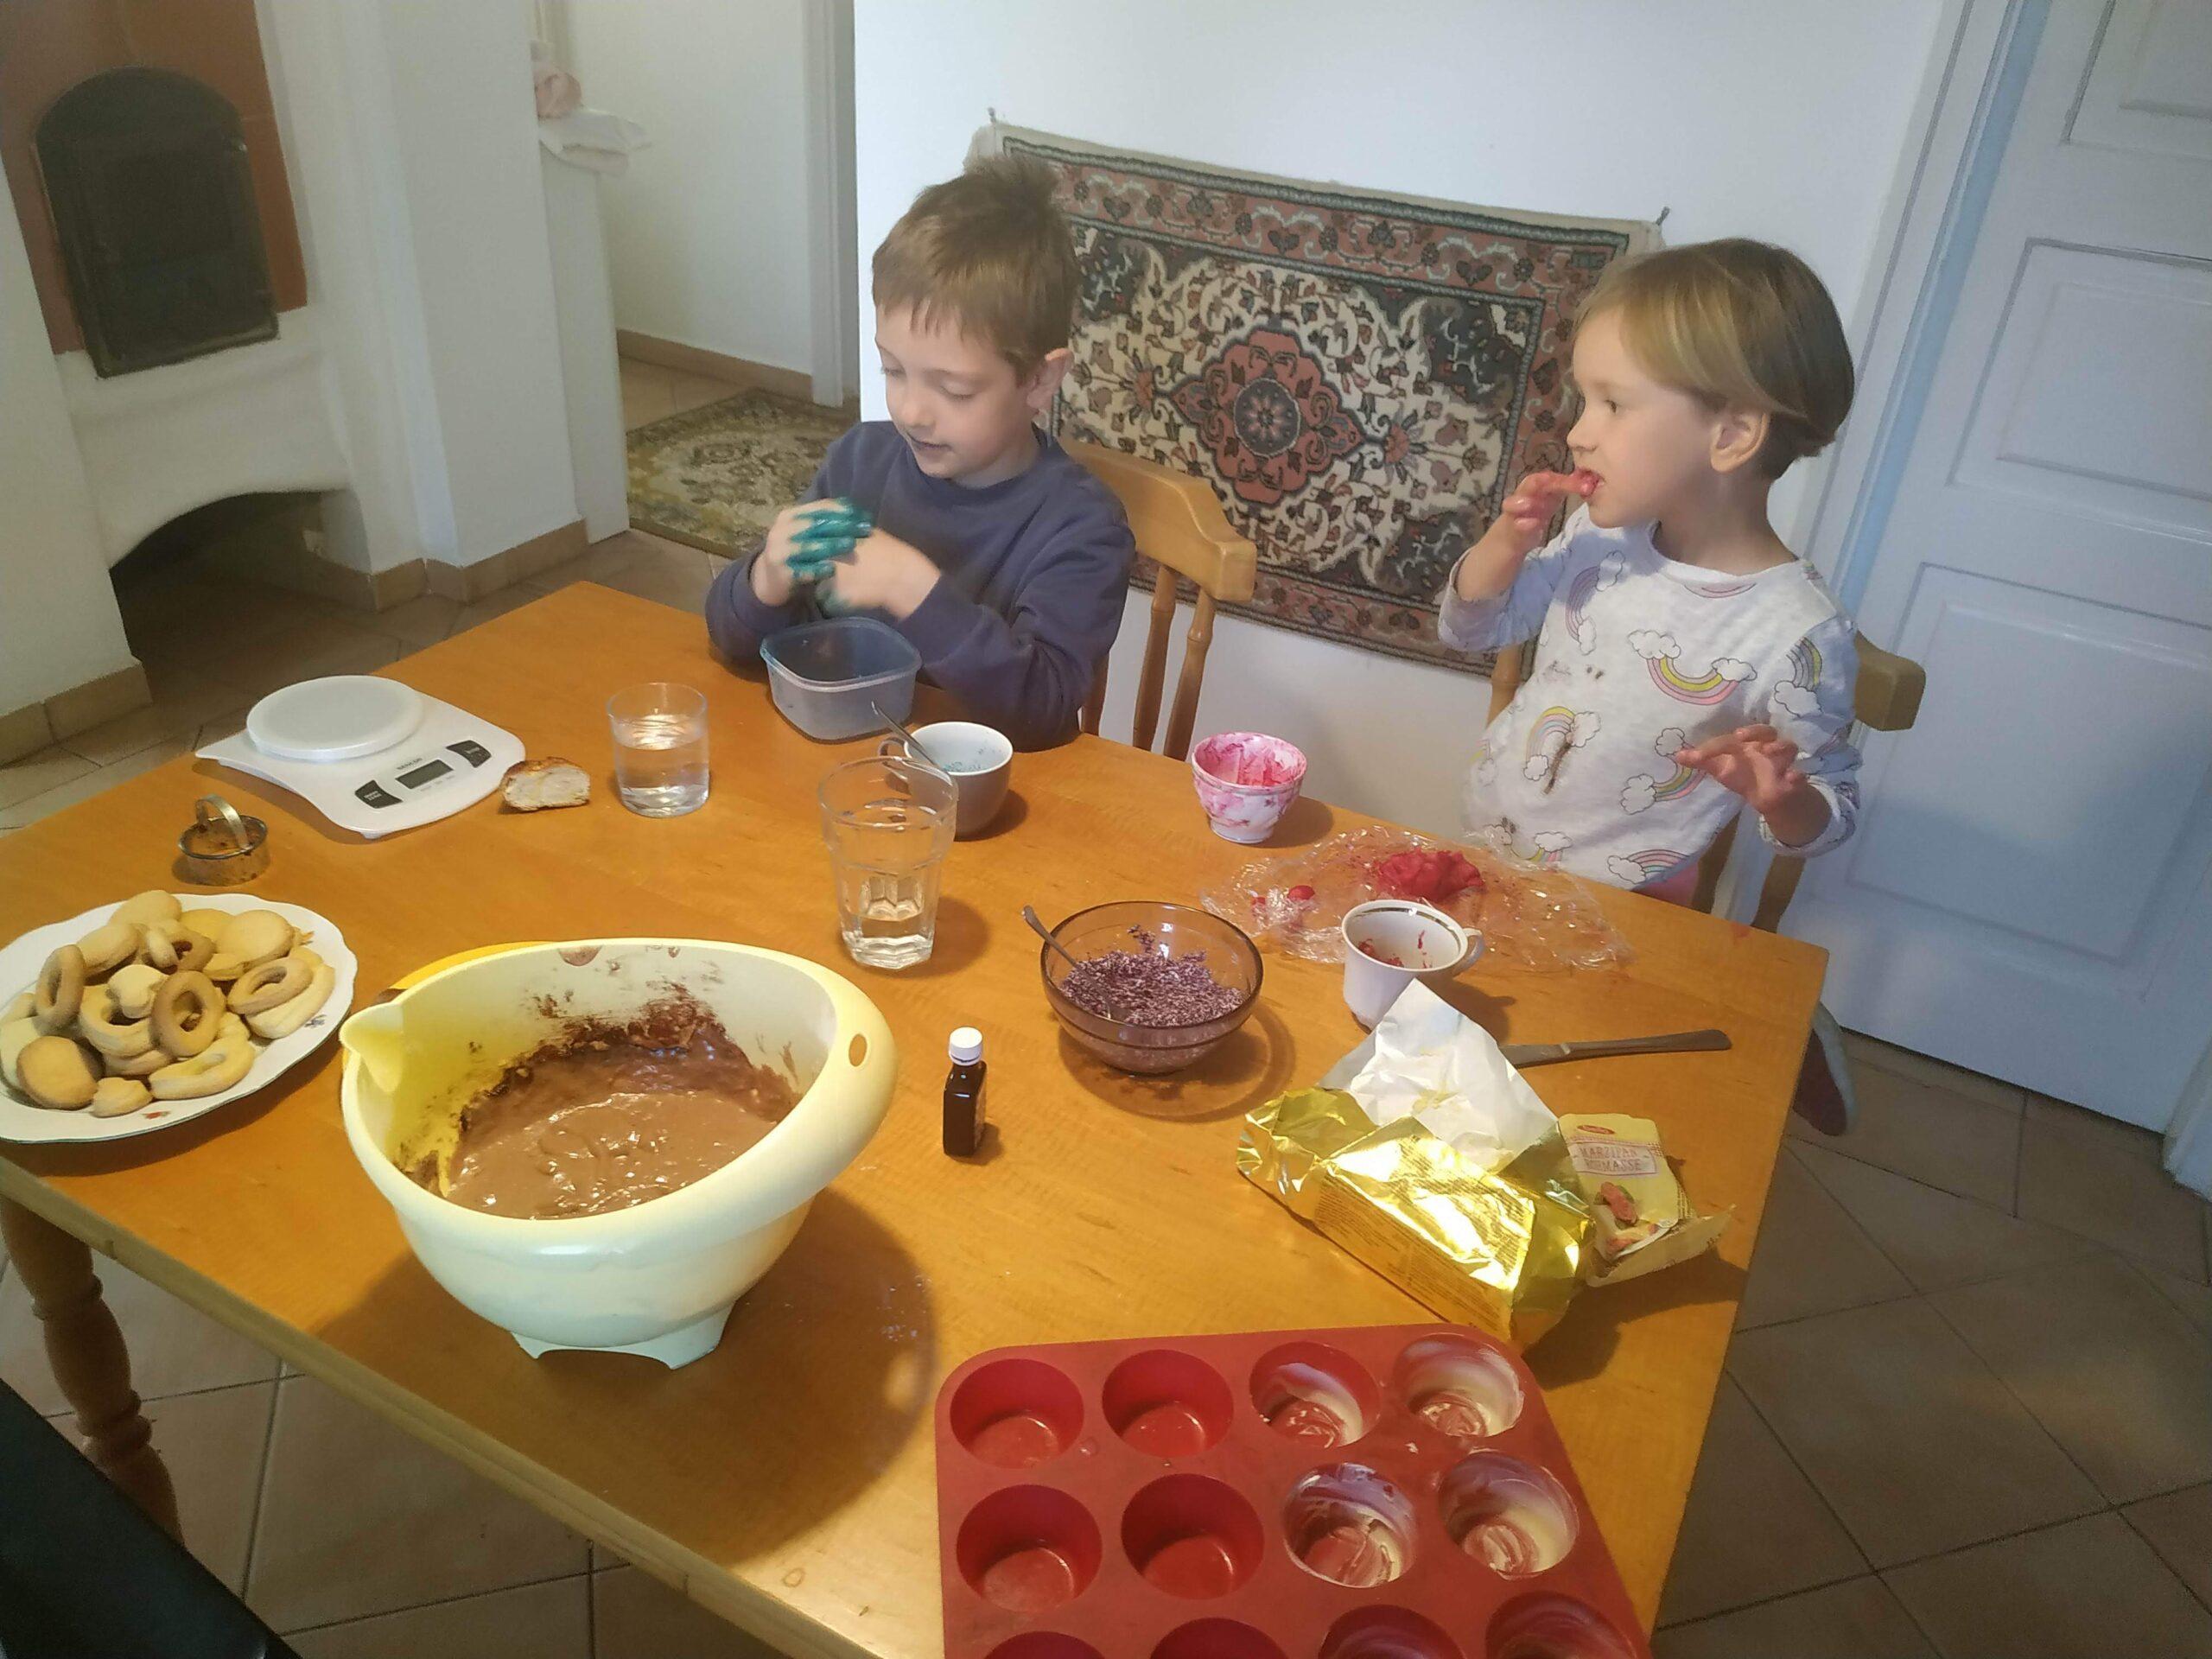 konyha, gyerekek sütnek